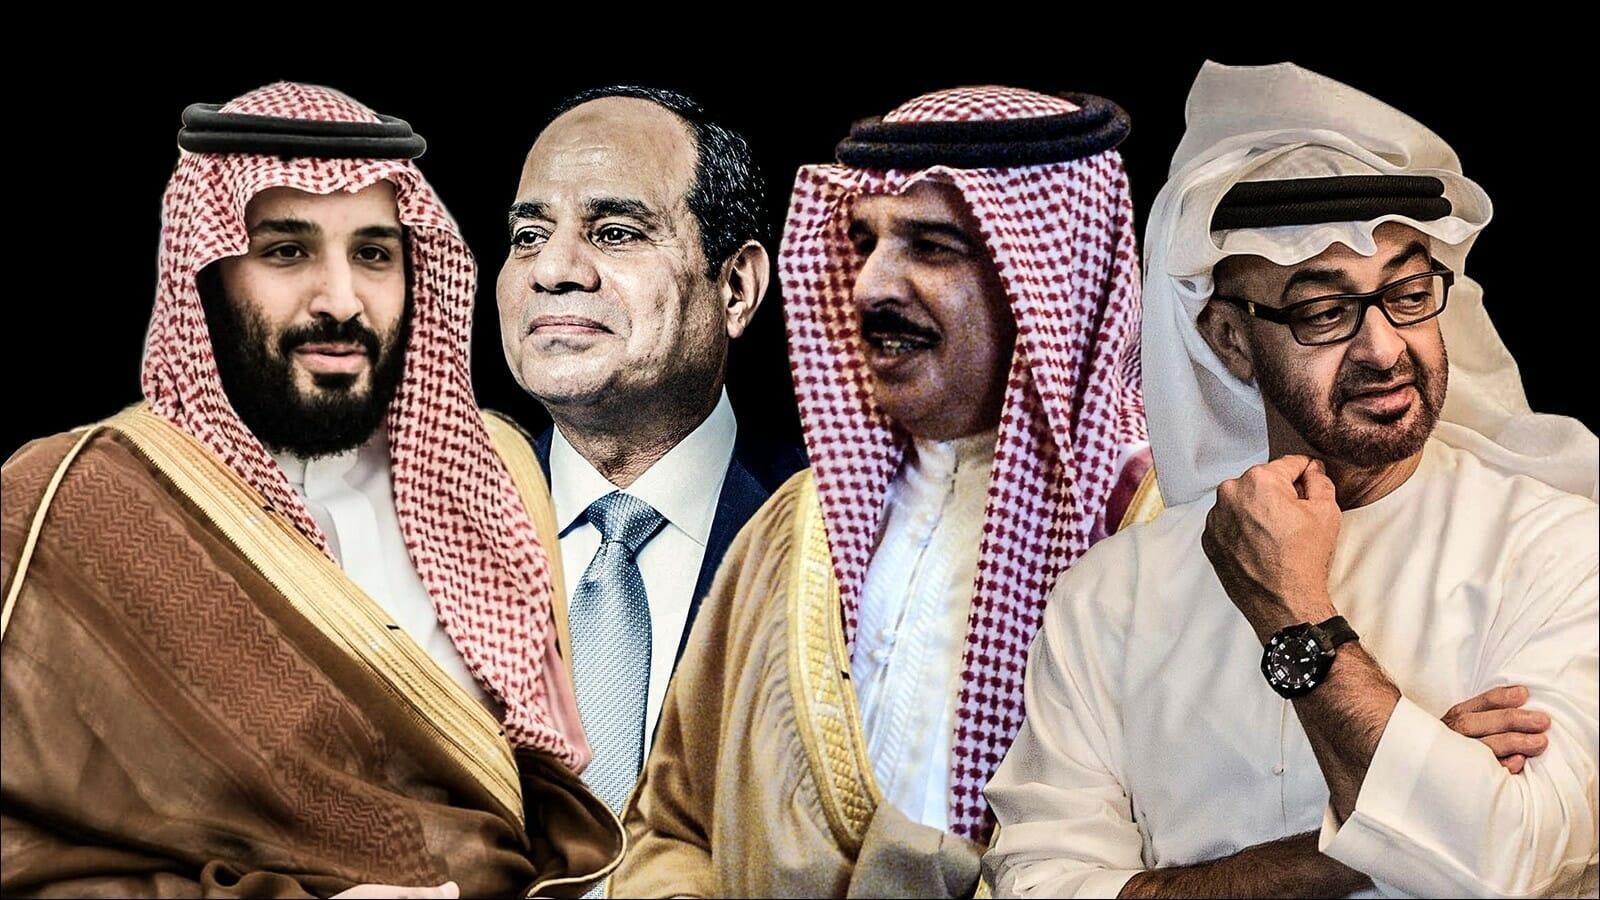 ديفيد هيرست المتآمرون العرب يختلفون